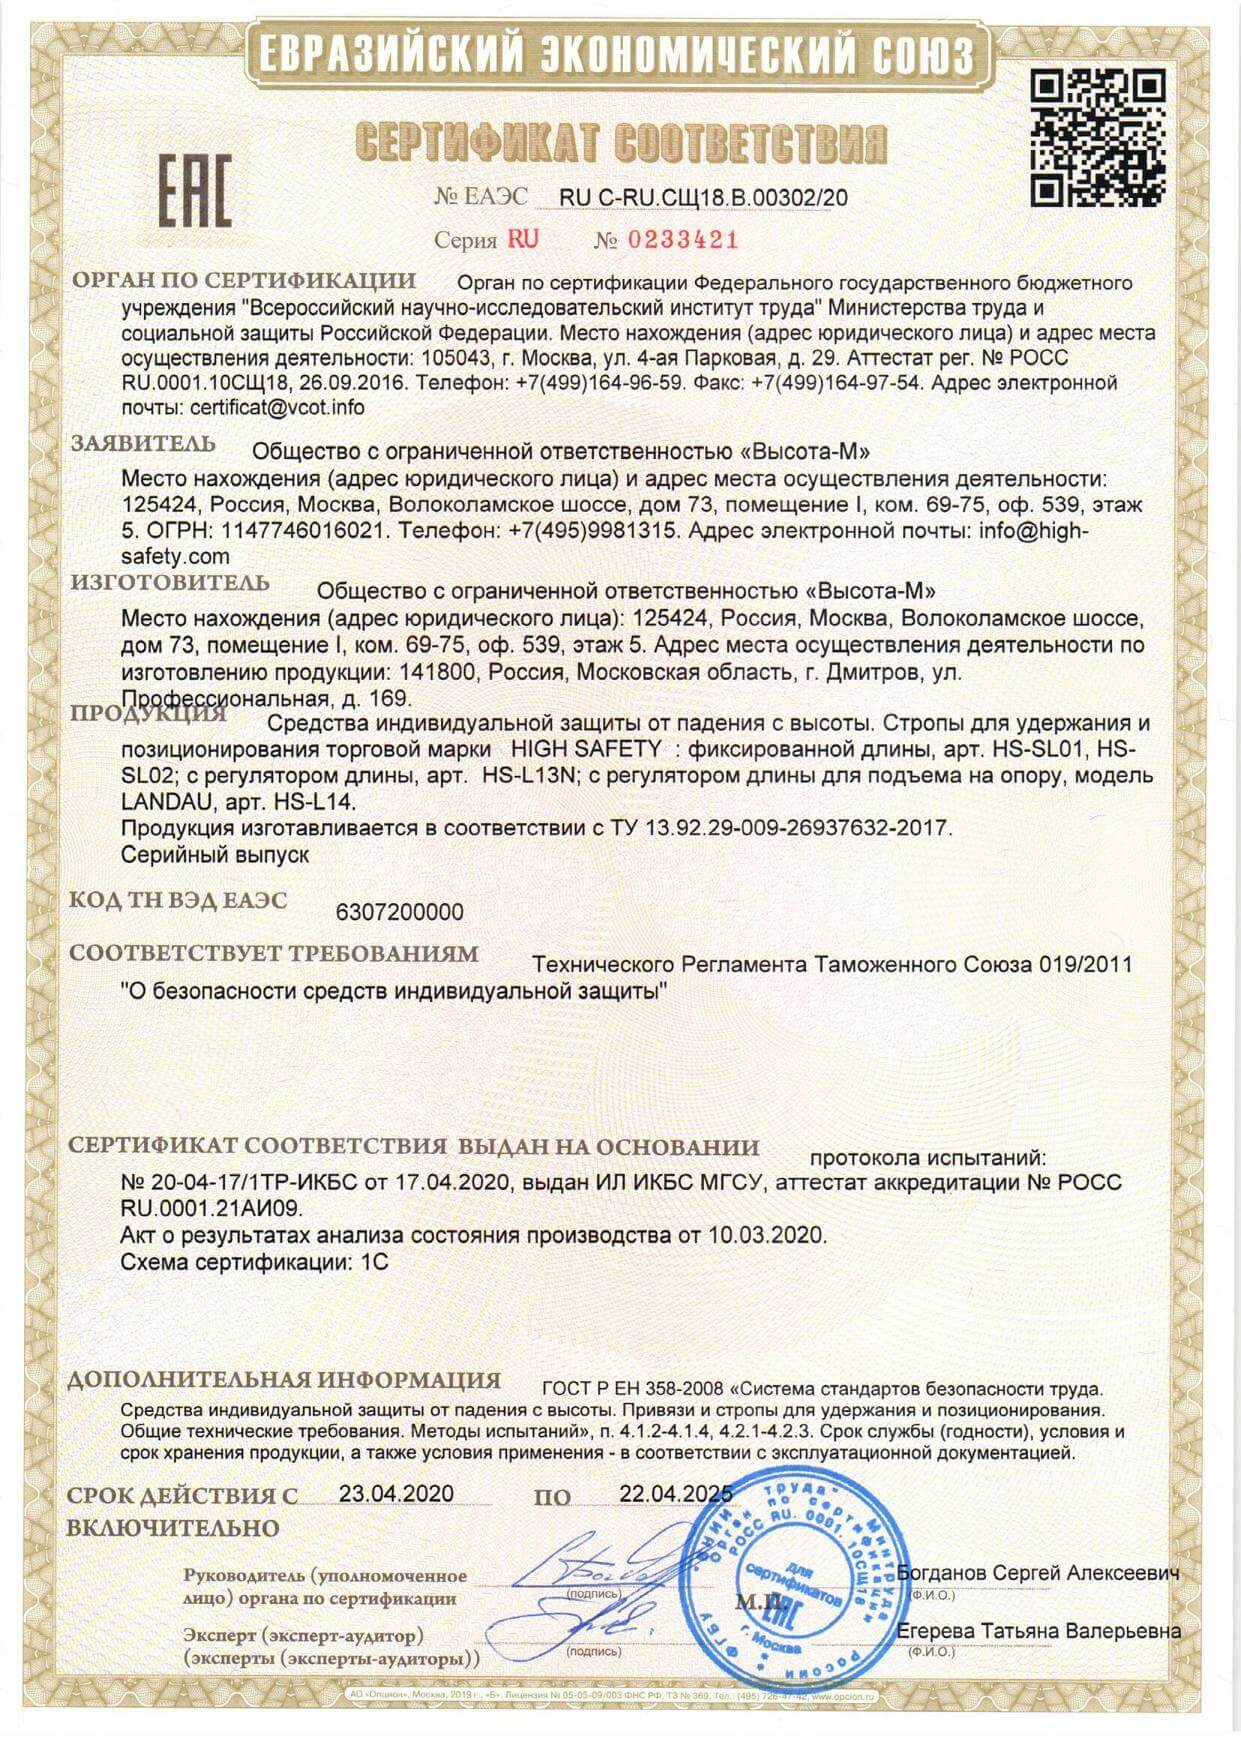 Сертификат соответствия ТР ТС 019/2011 на строп для позицонирования LANDAU